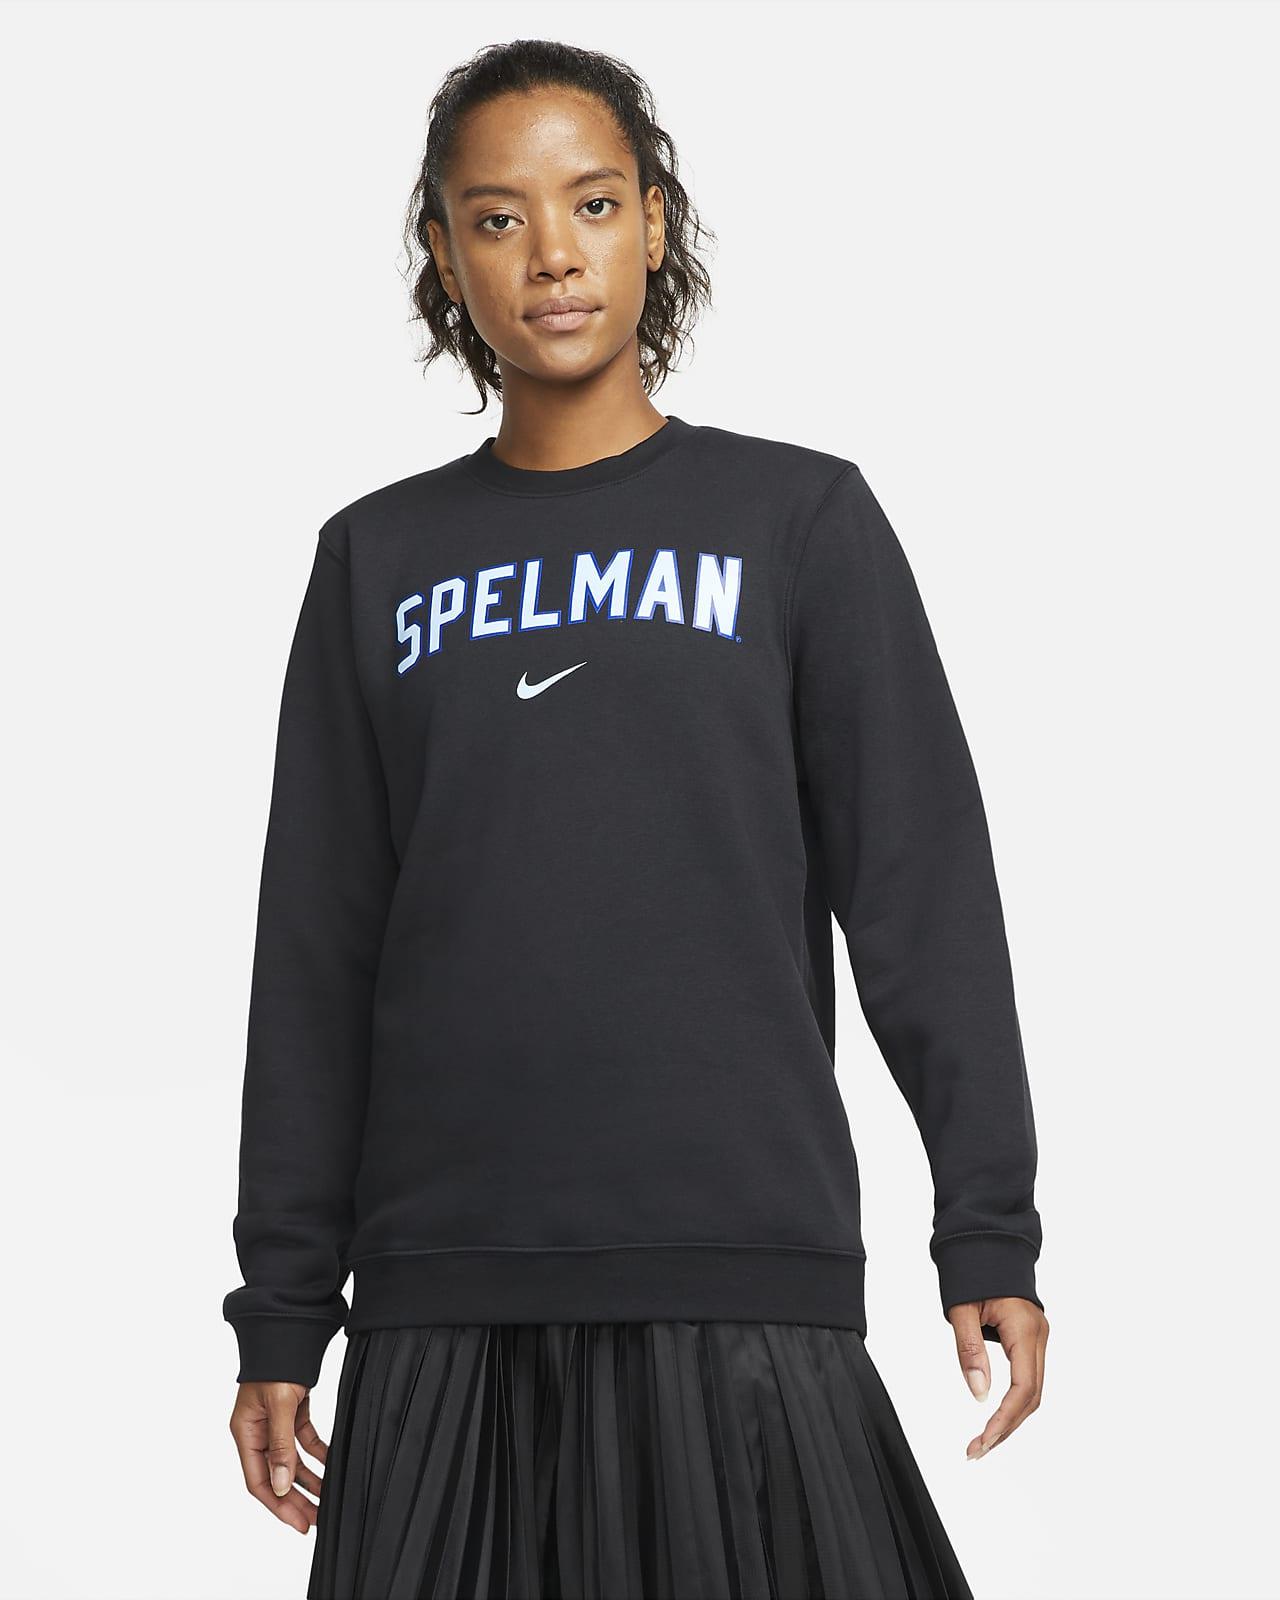 Nike College Club Fleece (Spelman) Crew Sweatshirt